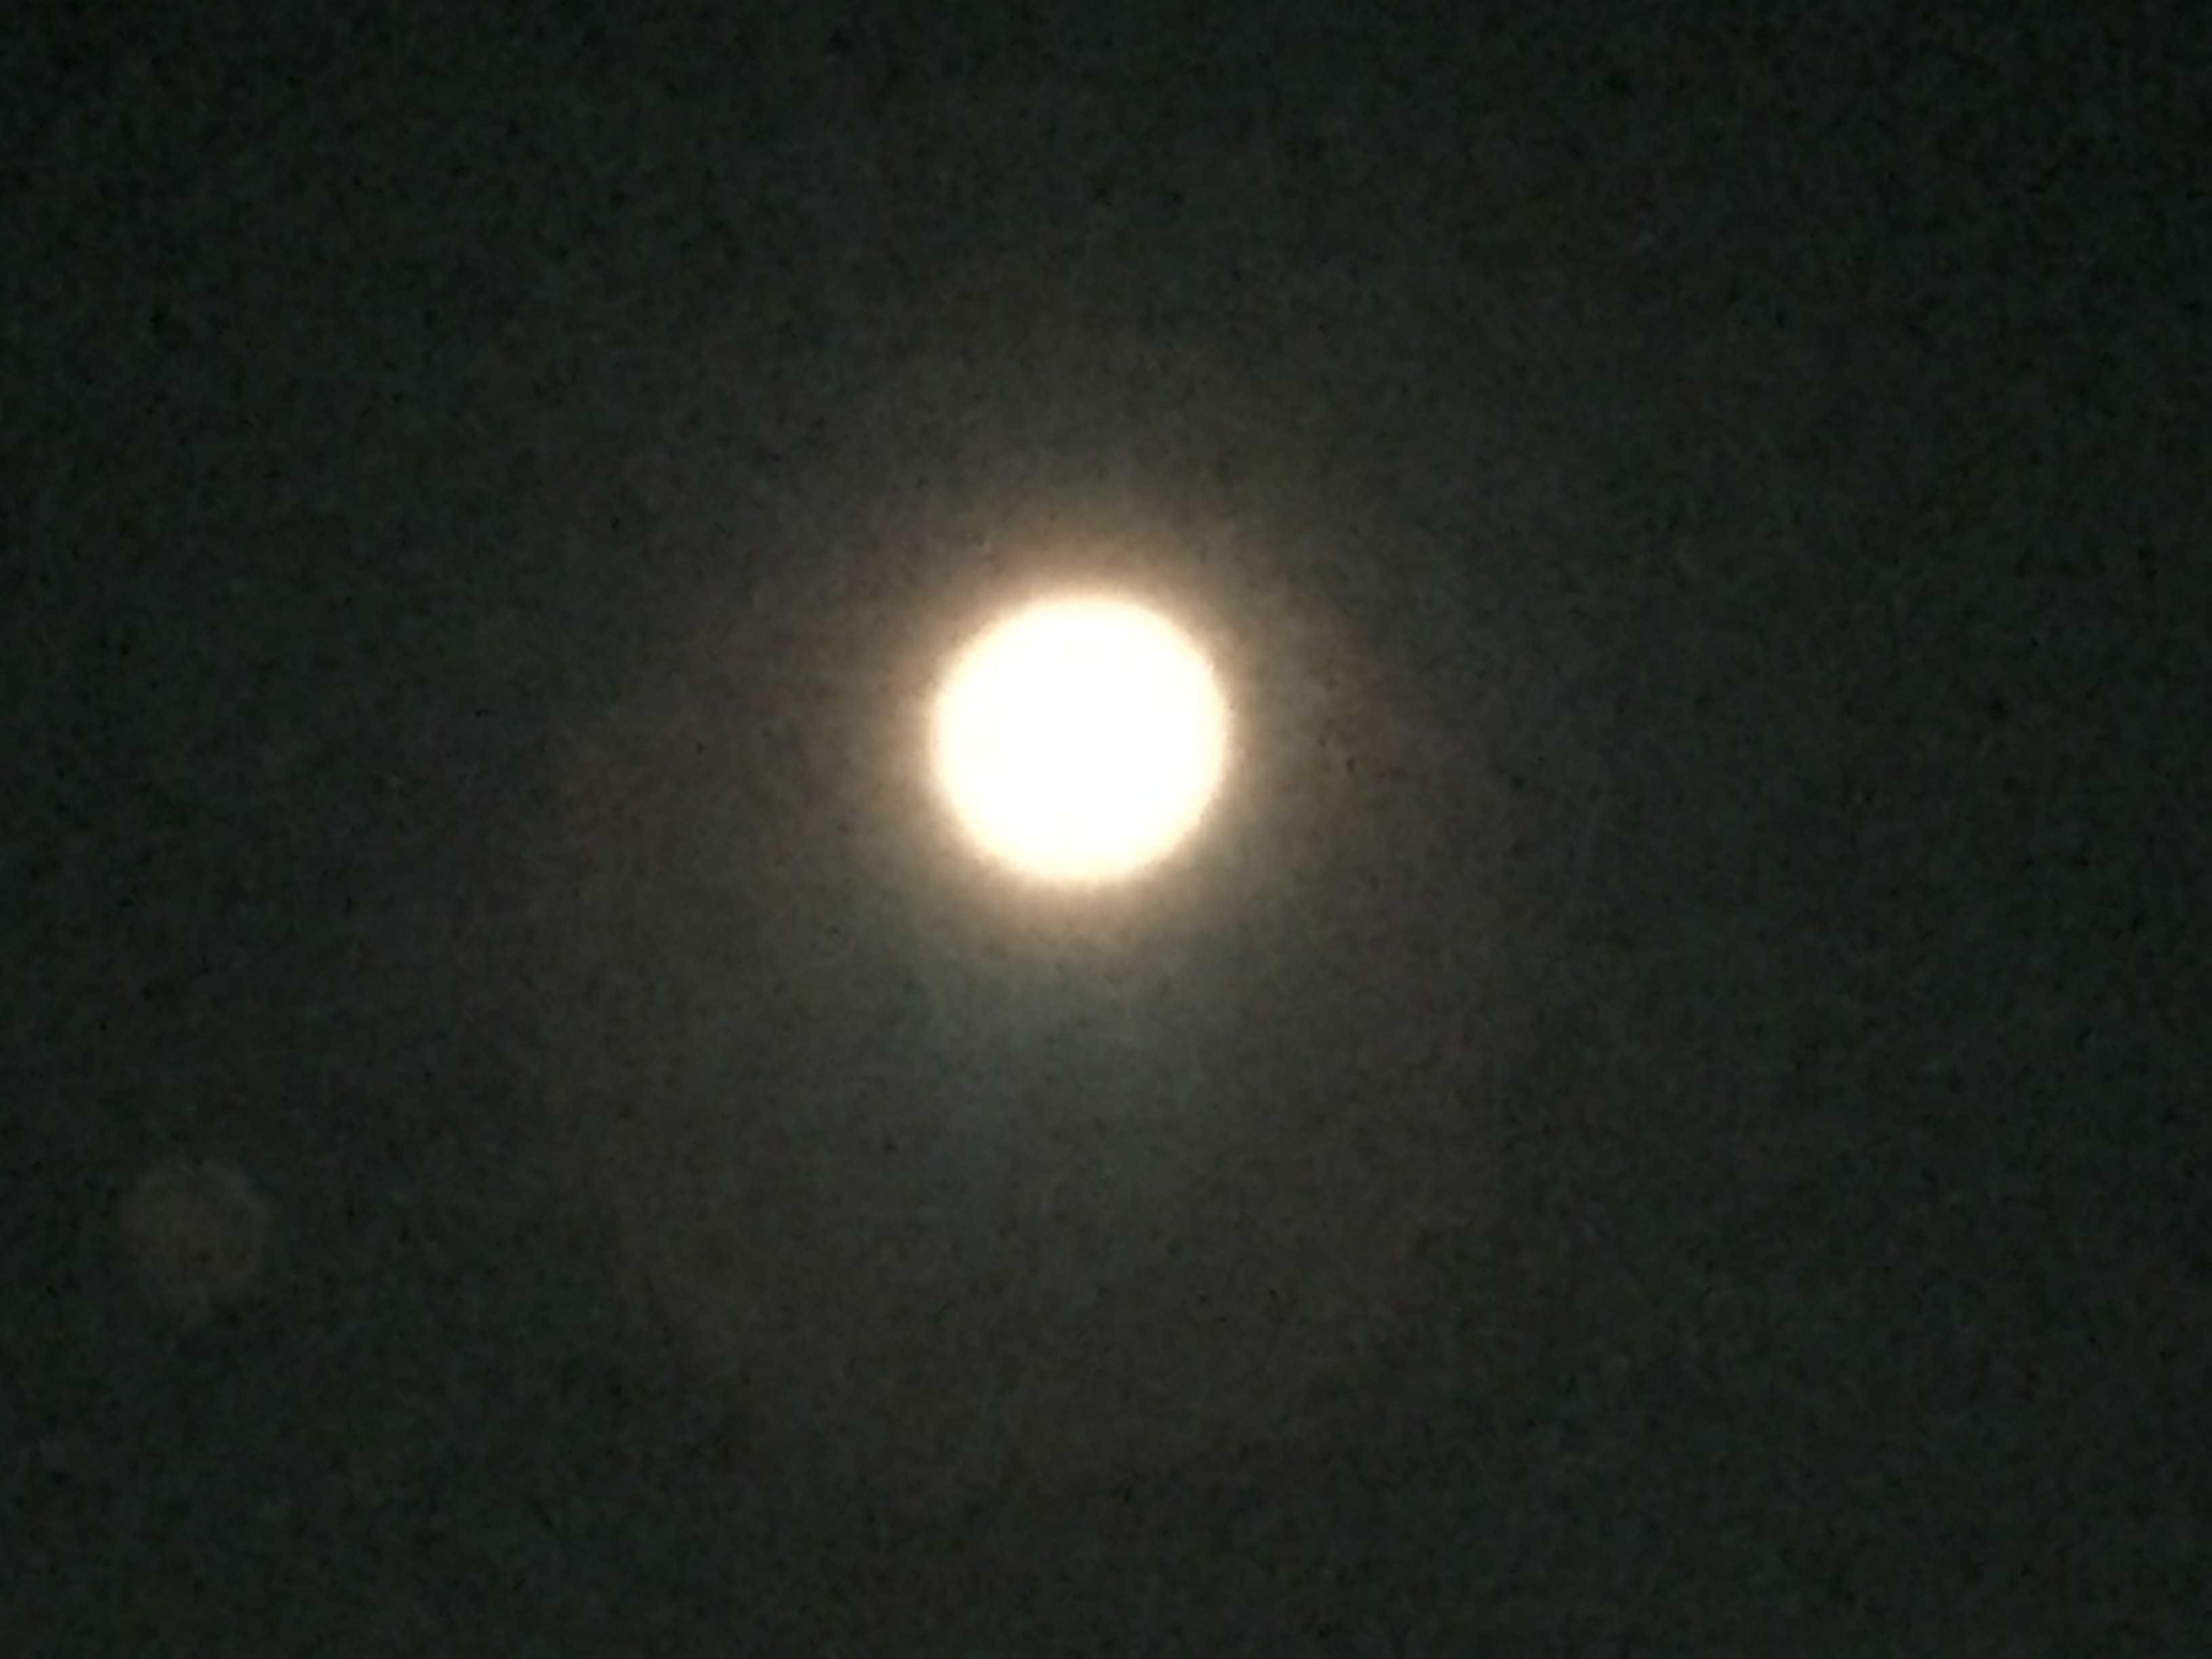 平成28年 5月22日(日)午前3時過ぎの満月 - 東京・八王子